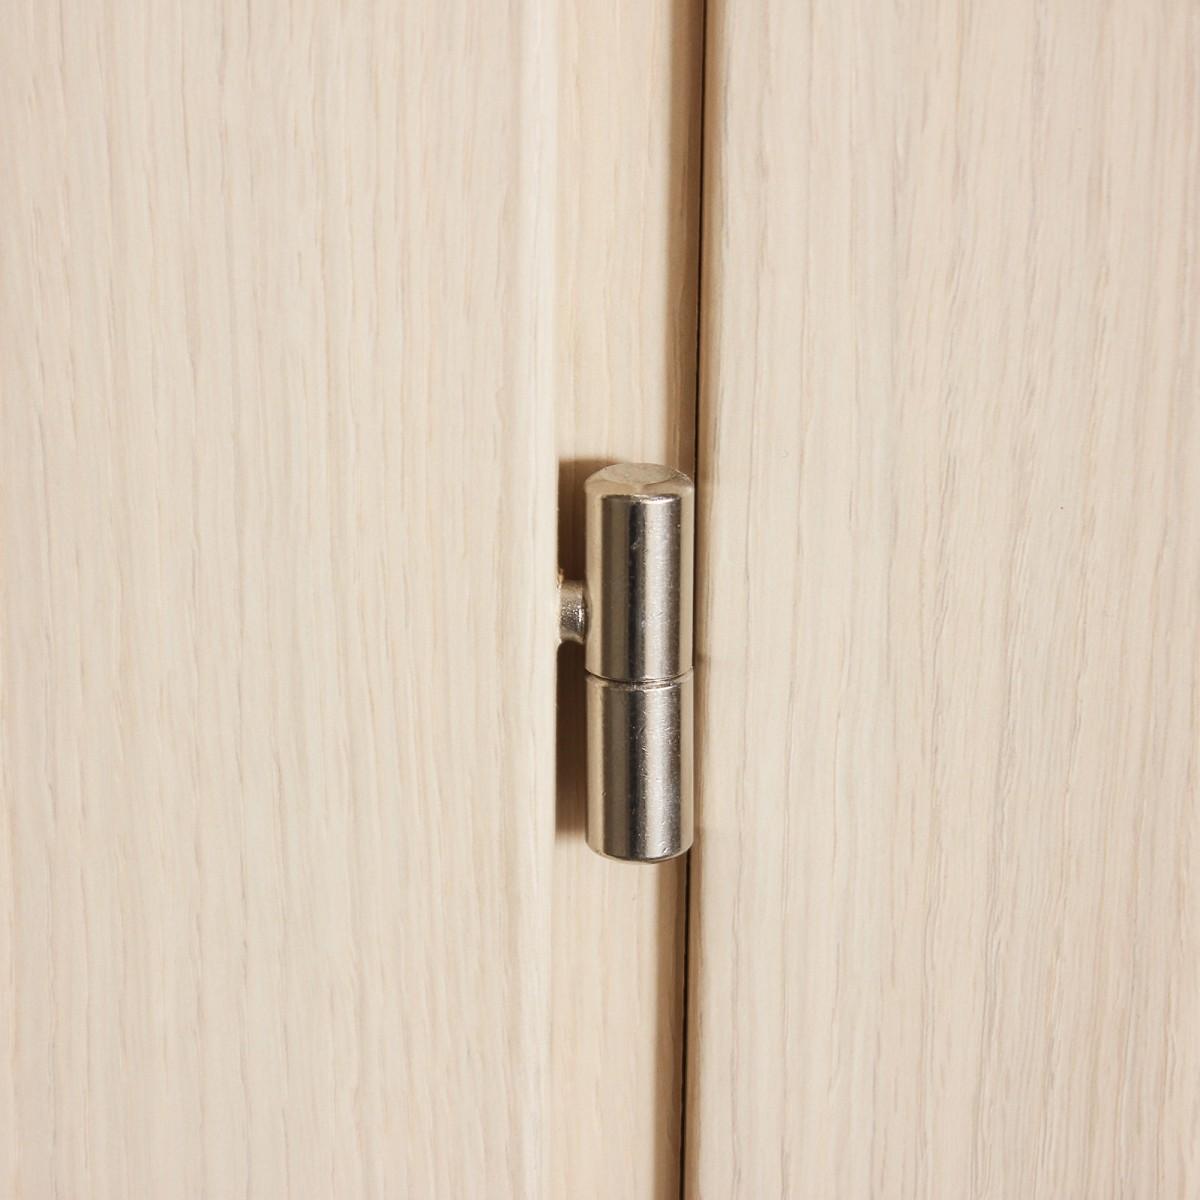 Дверь Межкомнатная Остеклённая Конкорд Cpl 80x200 Цвет Выбеленый Дуб